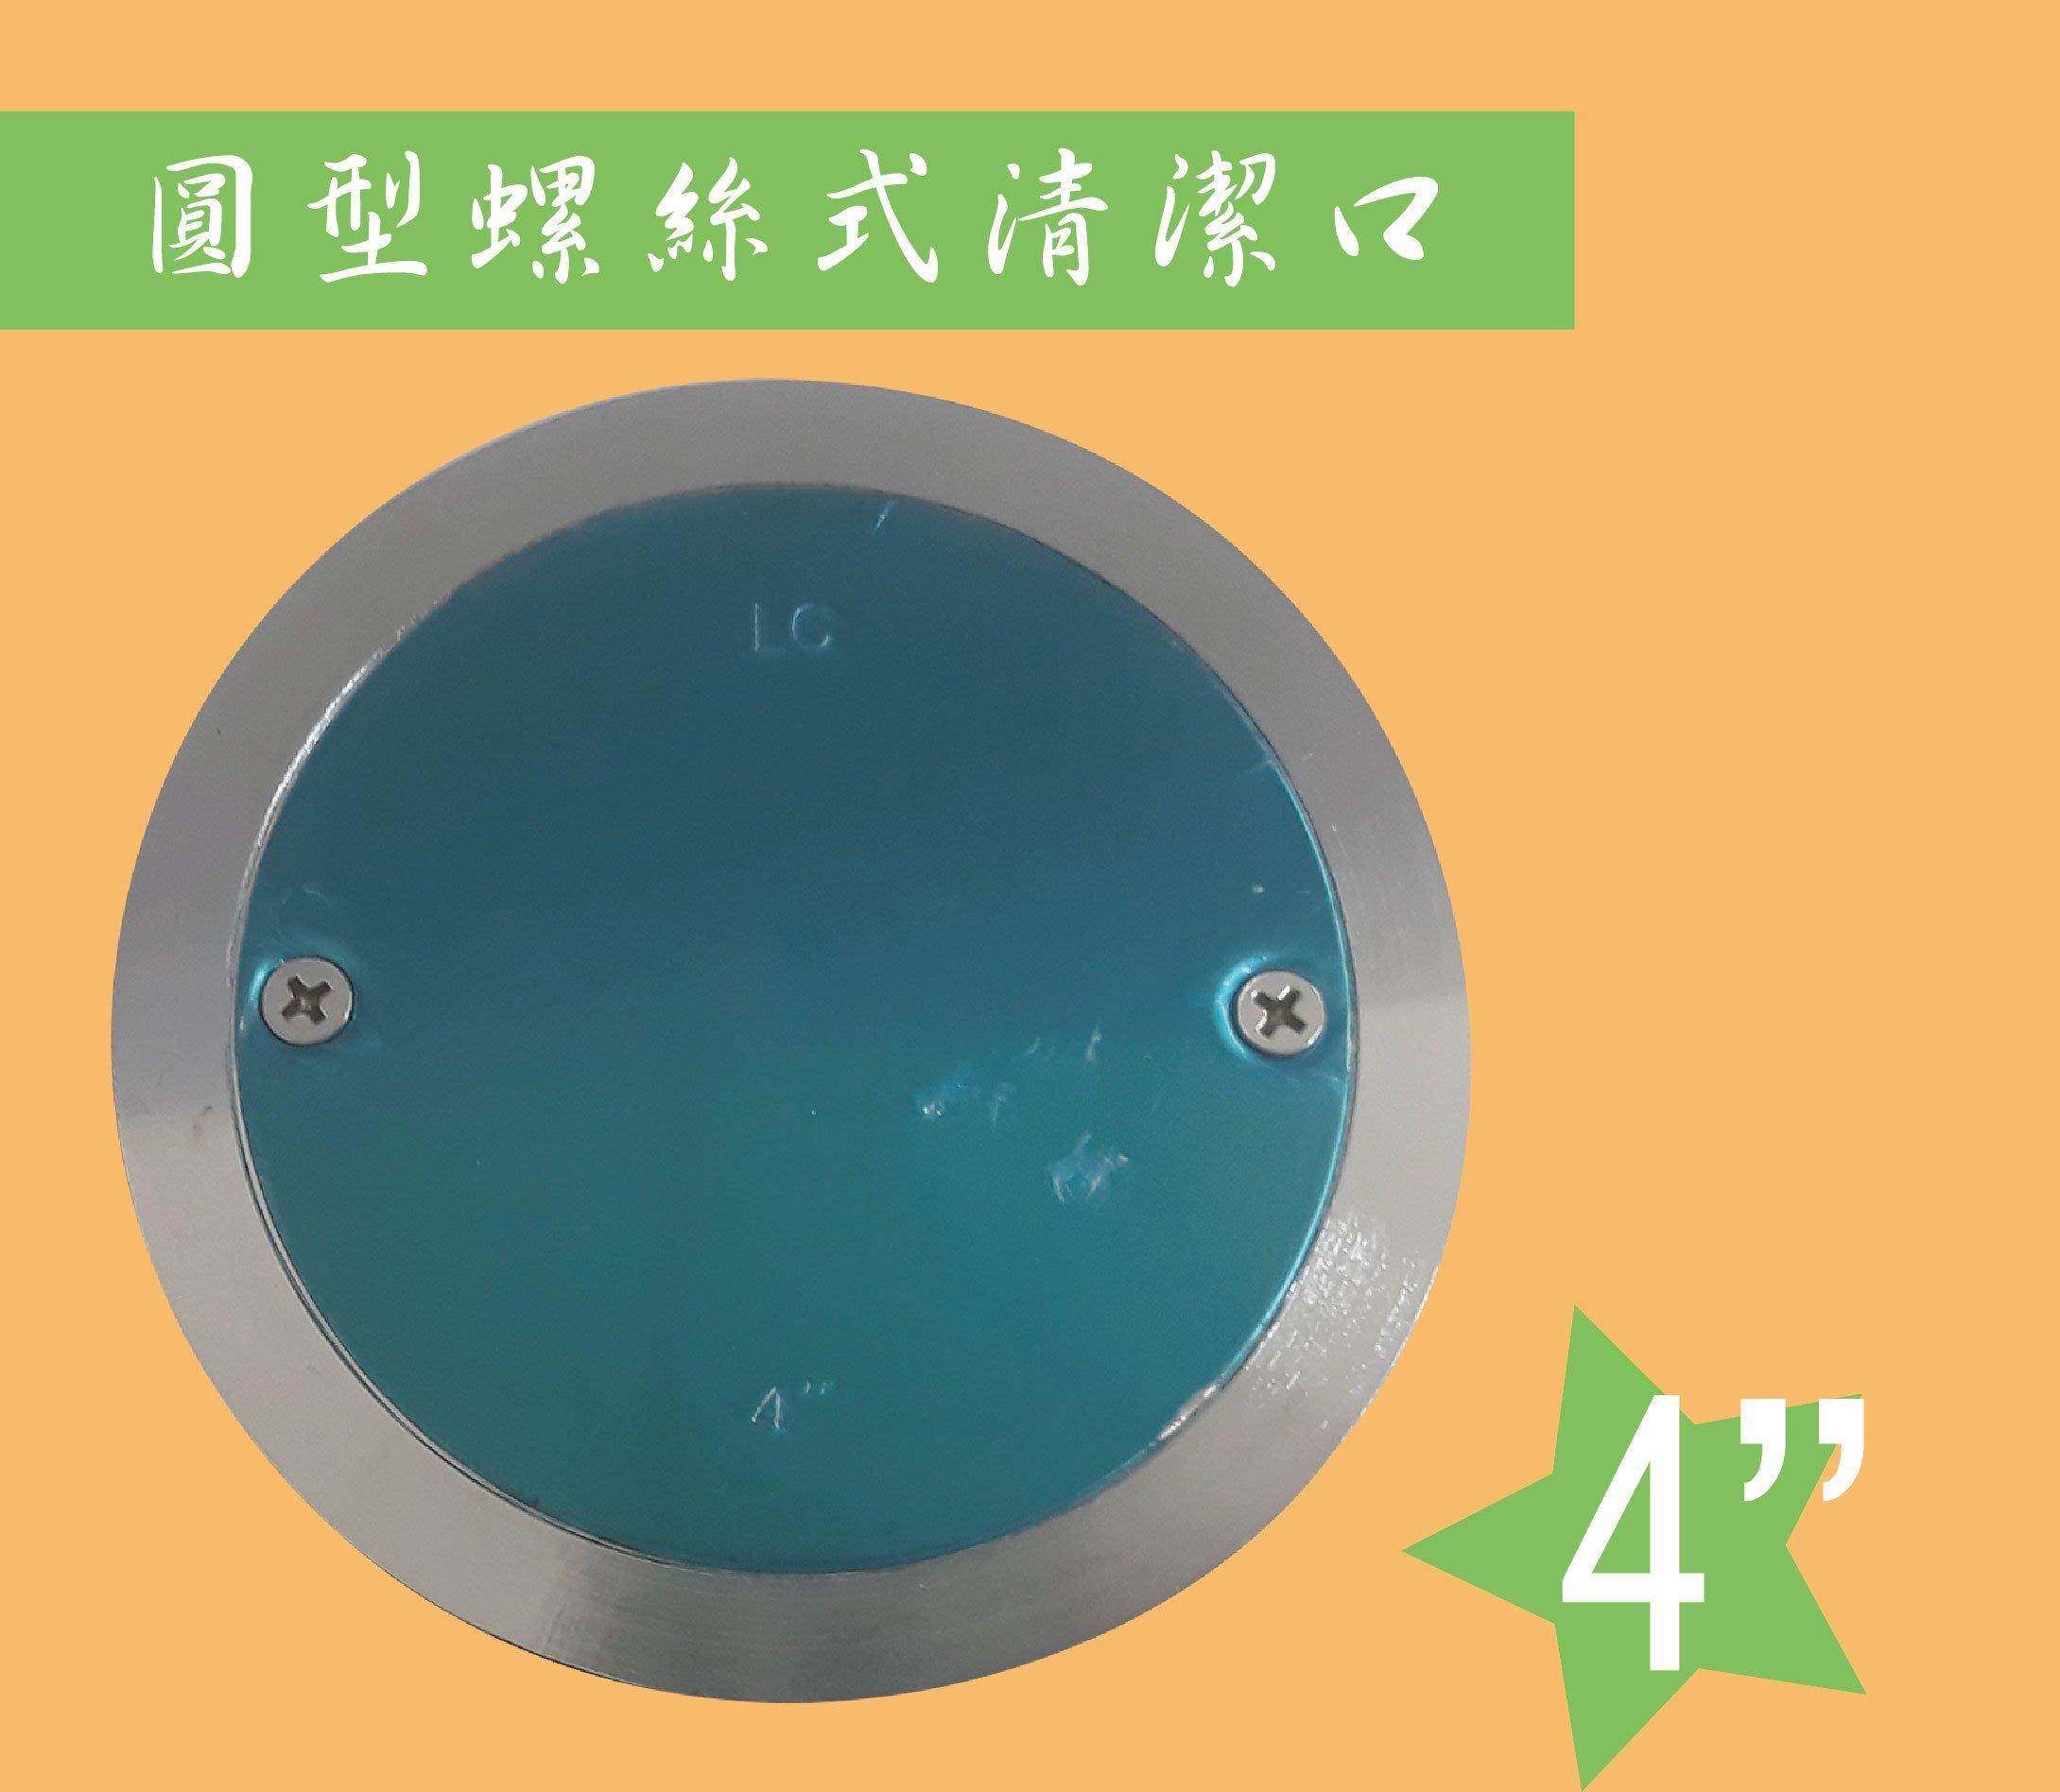 YS時尚居家生活館 圓型螺絲式清潔口4清潔口 化糞池清潔口【附發票】